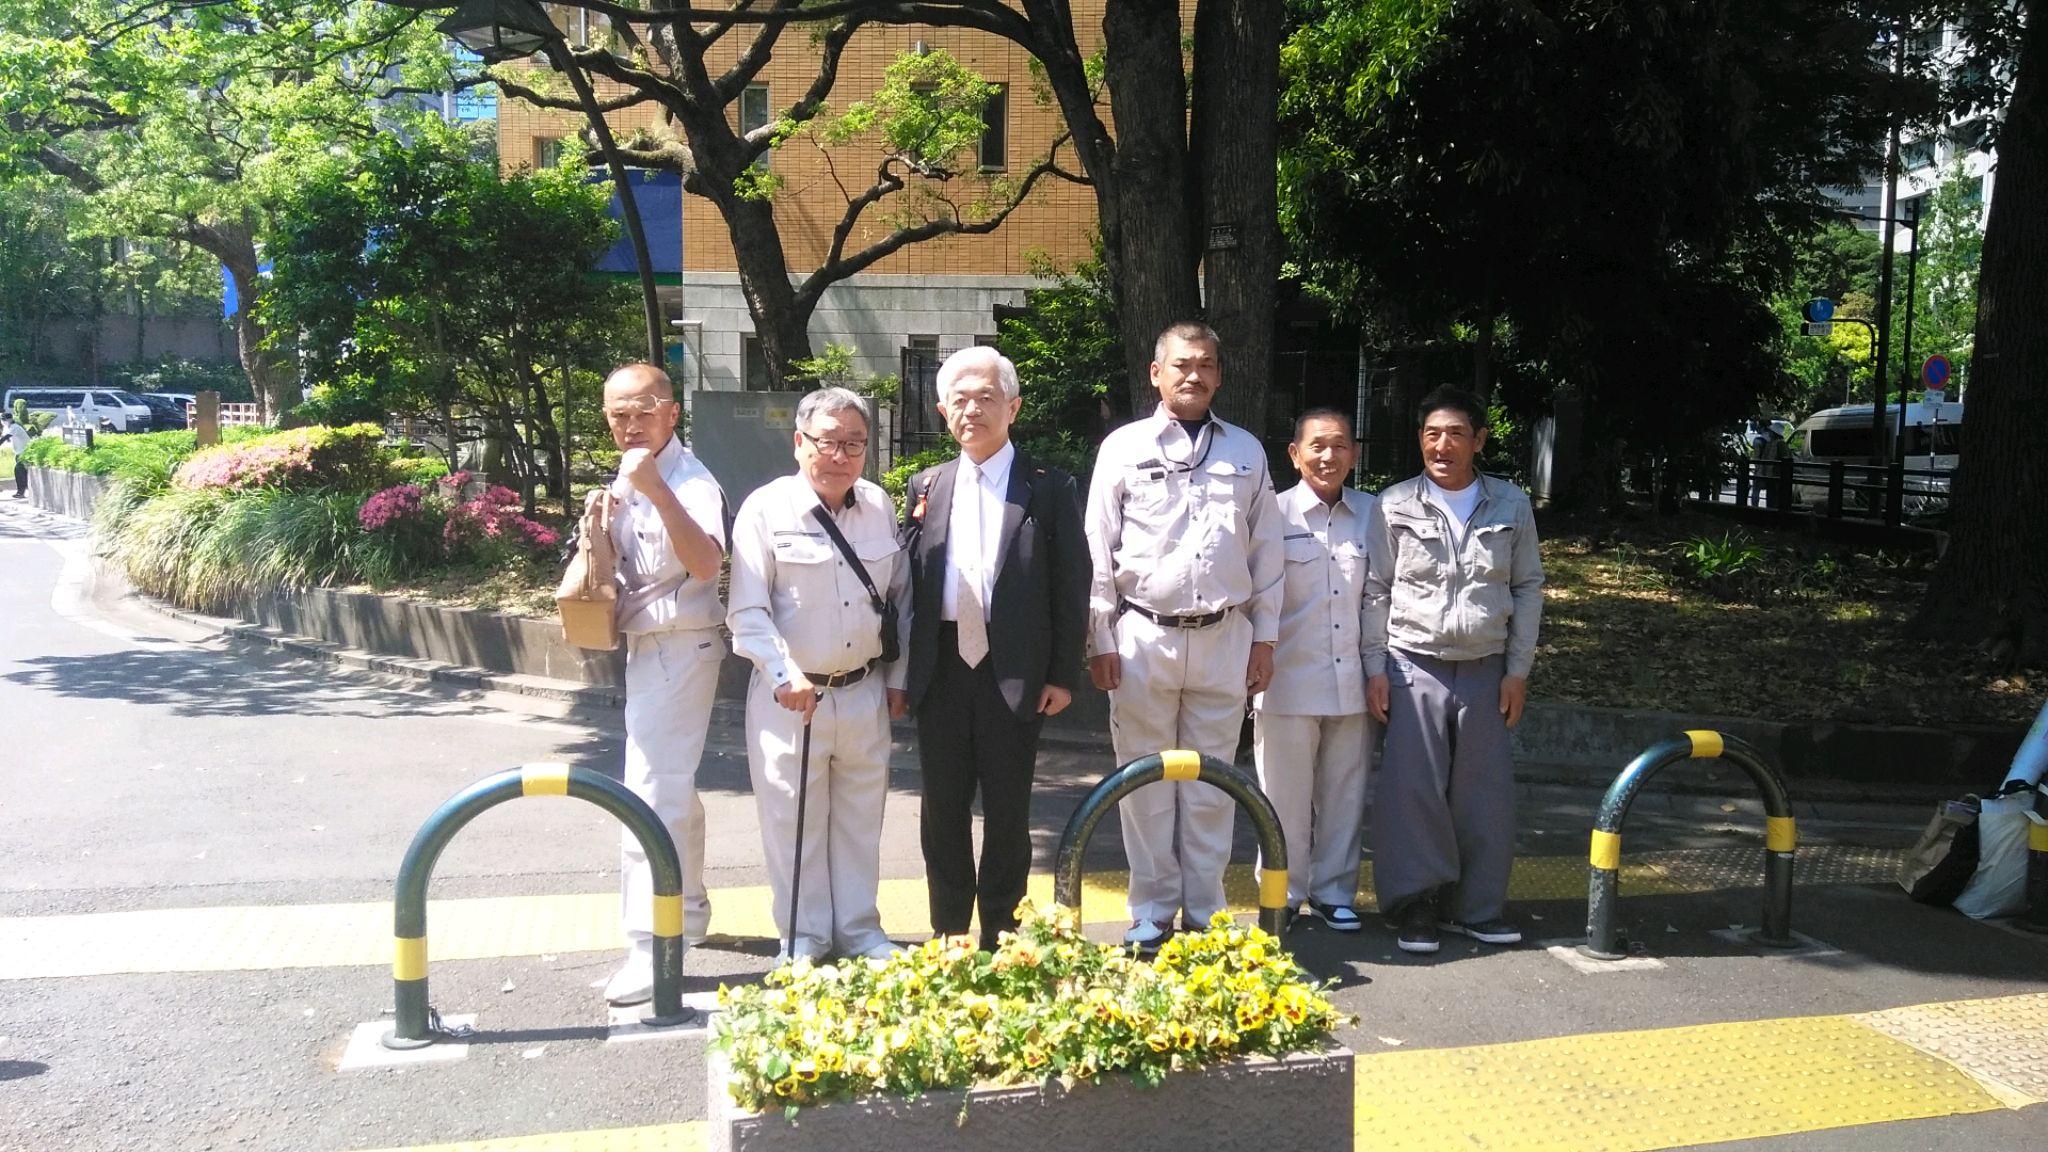 日本青少年更生社 尽の会 代表 平野 貢司の会員3名も応援に駆け付け、荒木先生との記念写真を写しました。日本青少年更生社は、東京都内にも2団体となり、北朝鮮問題に会員一同取り組んでくれております。